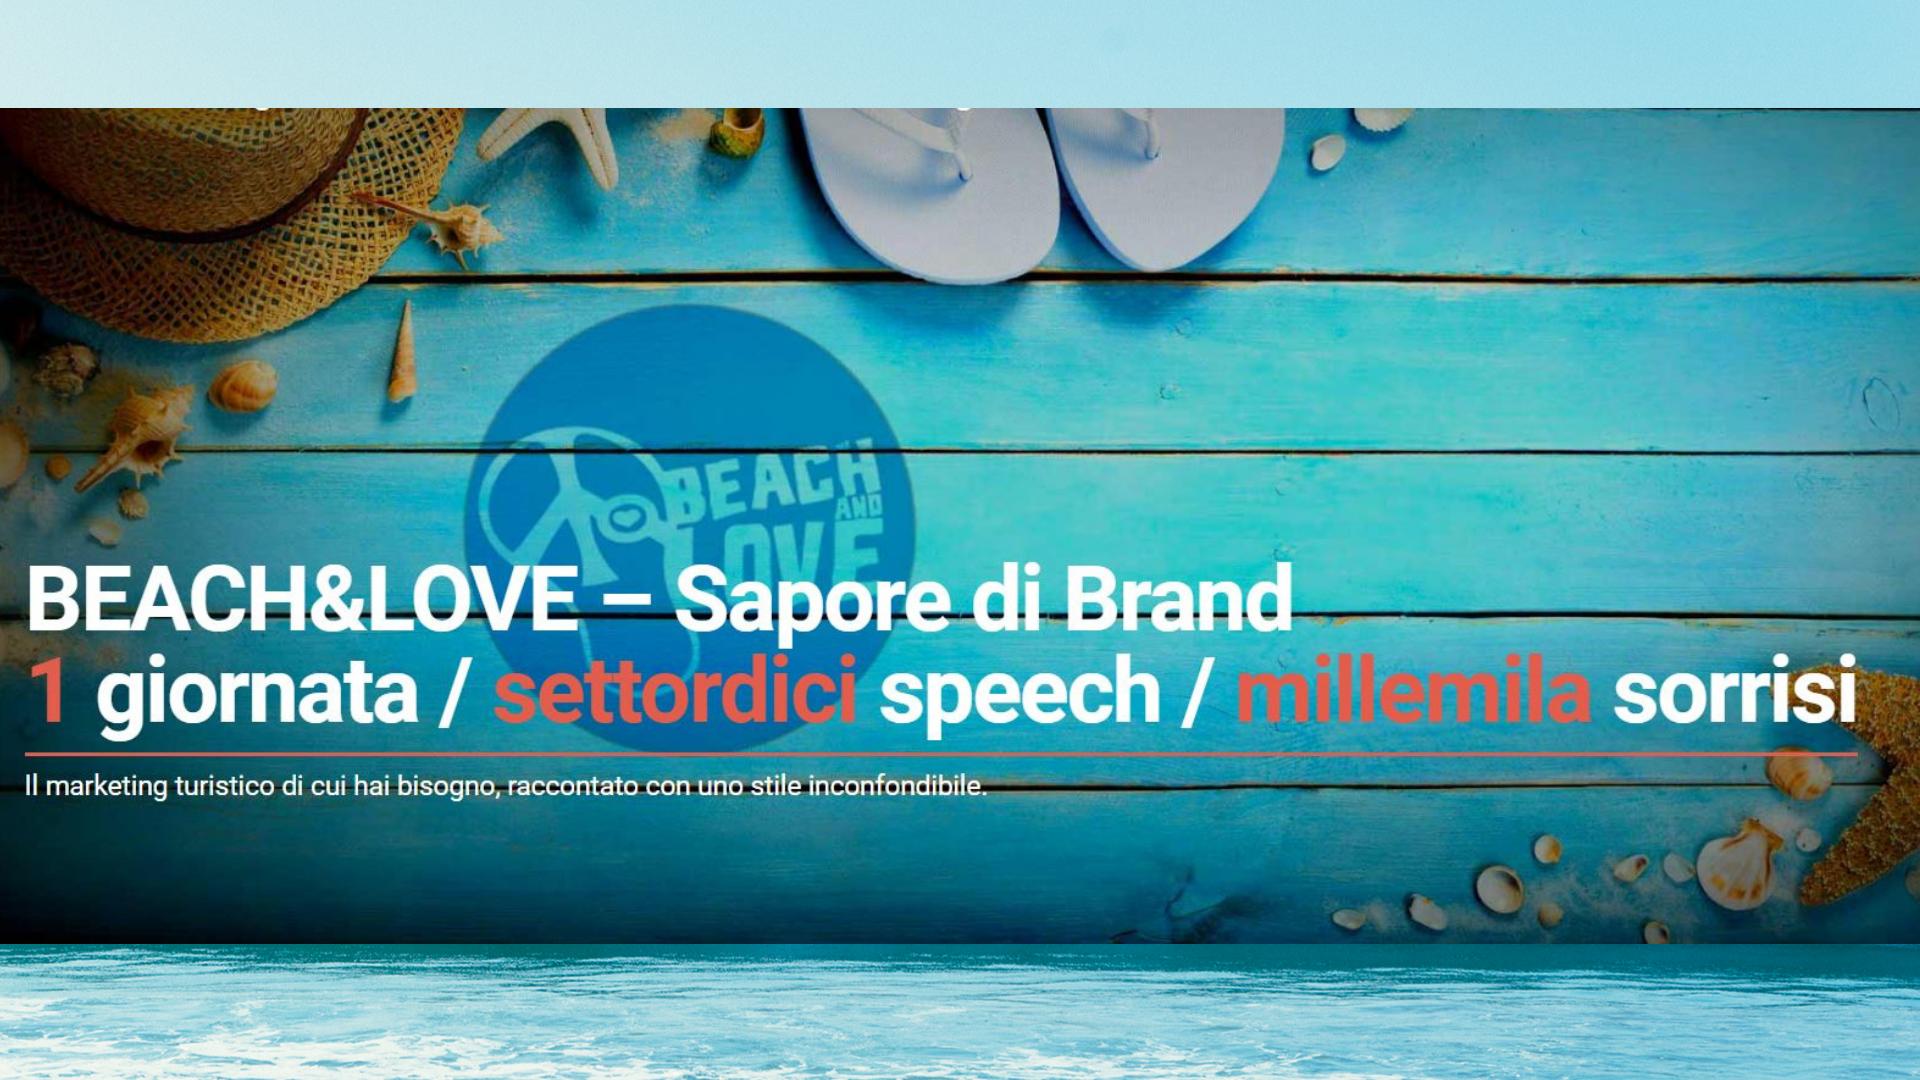 beach-love-23-luglio-2021-milano-marittima